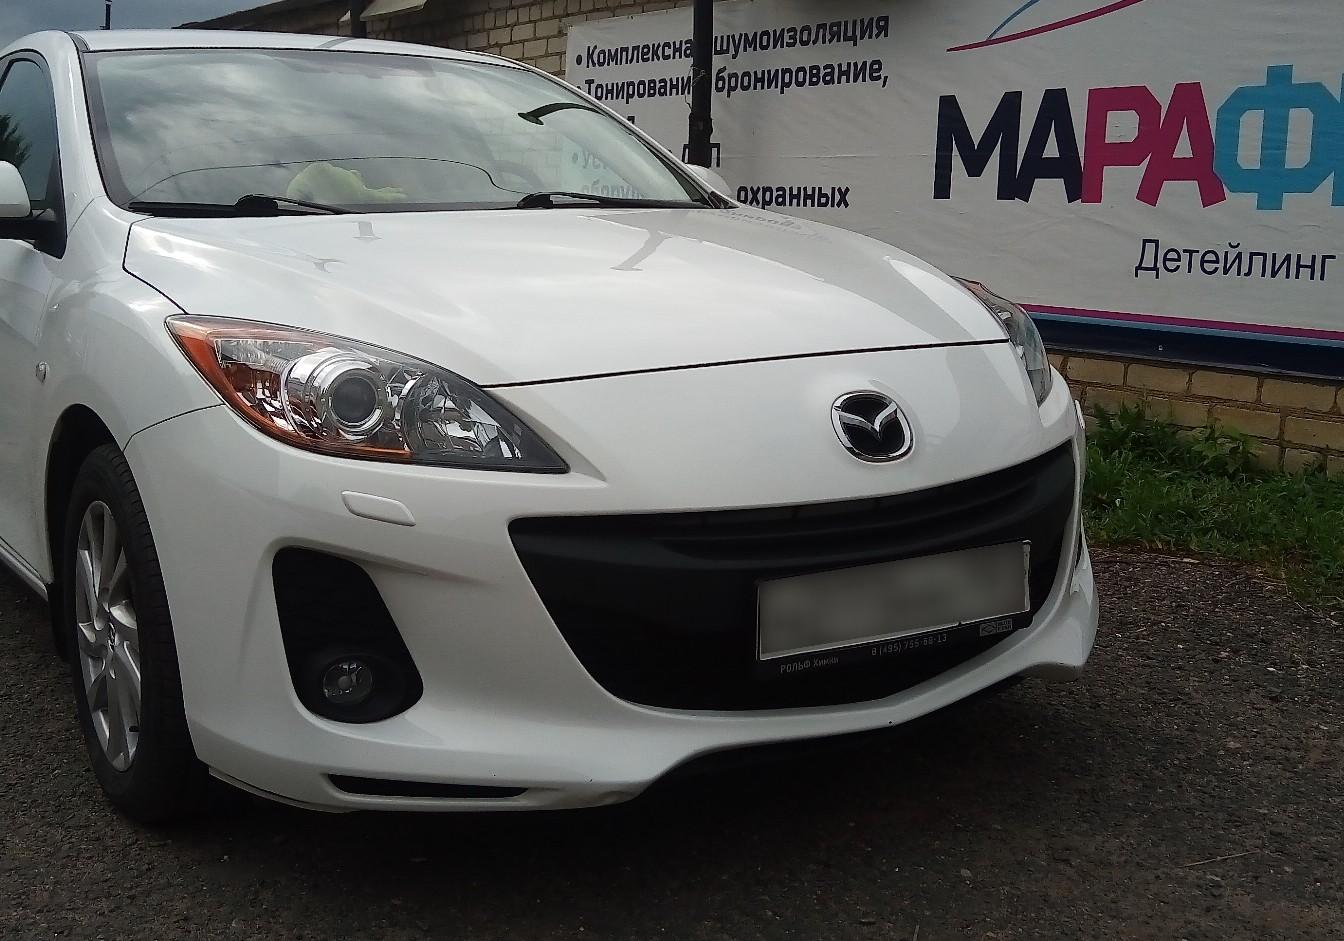 Кузовной ремонт белой Mazda 3